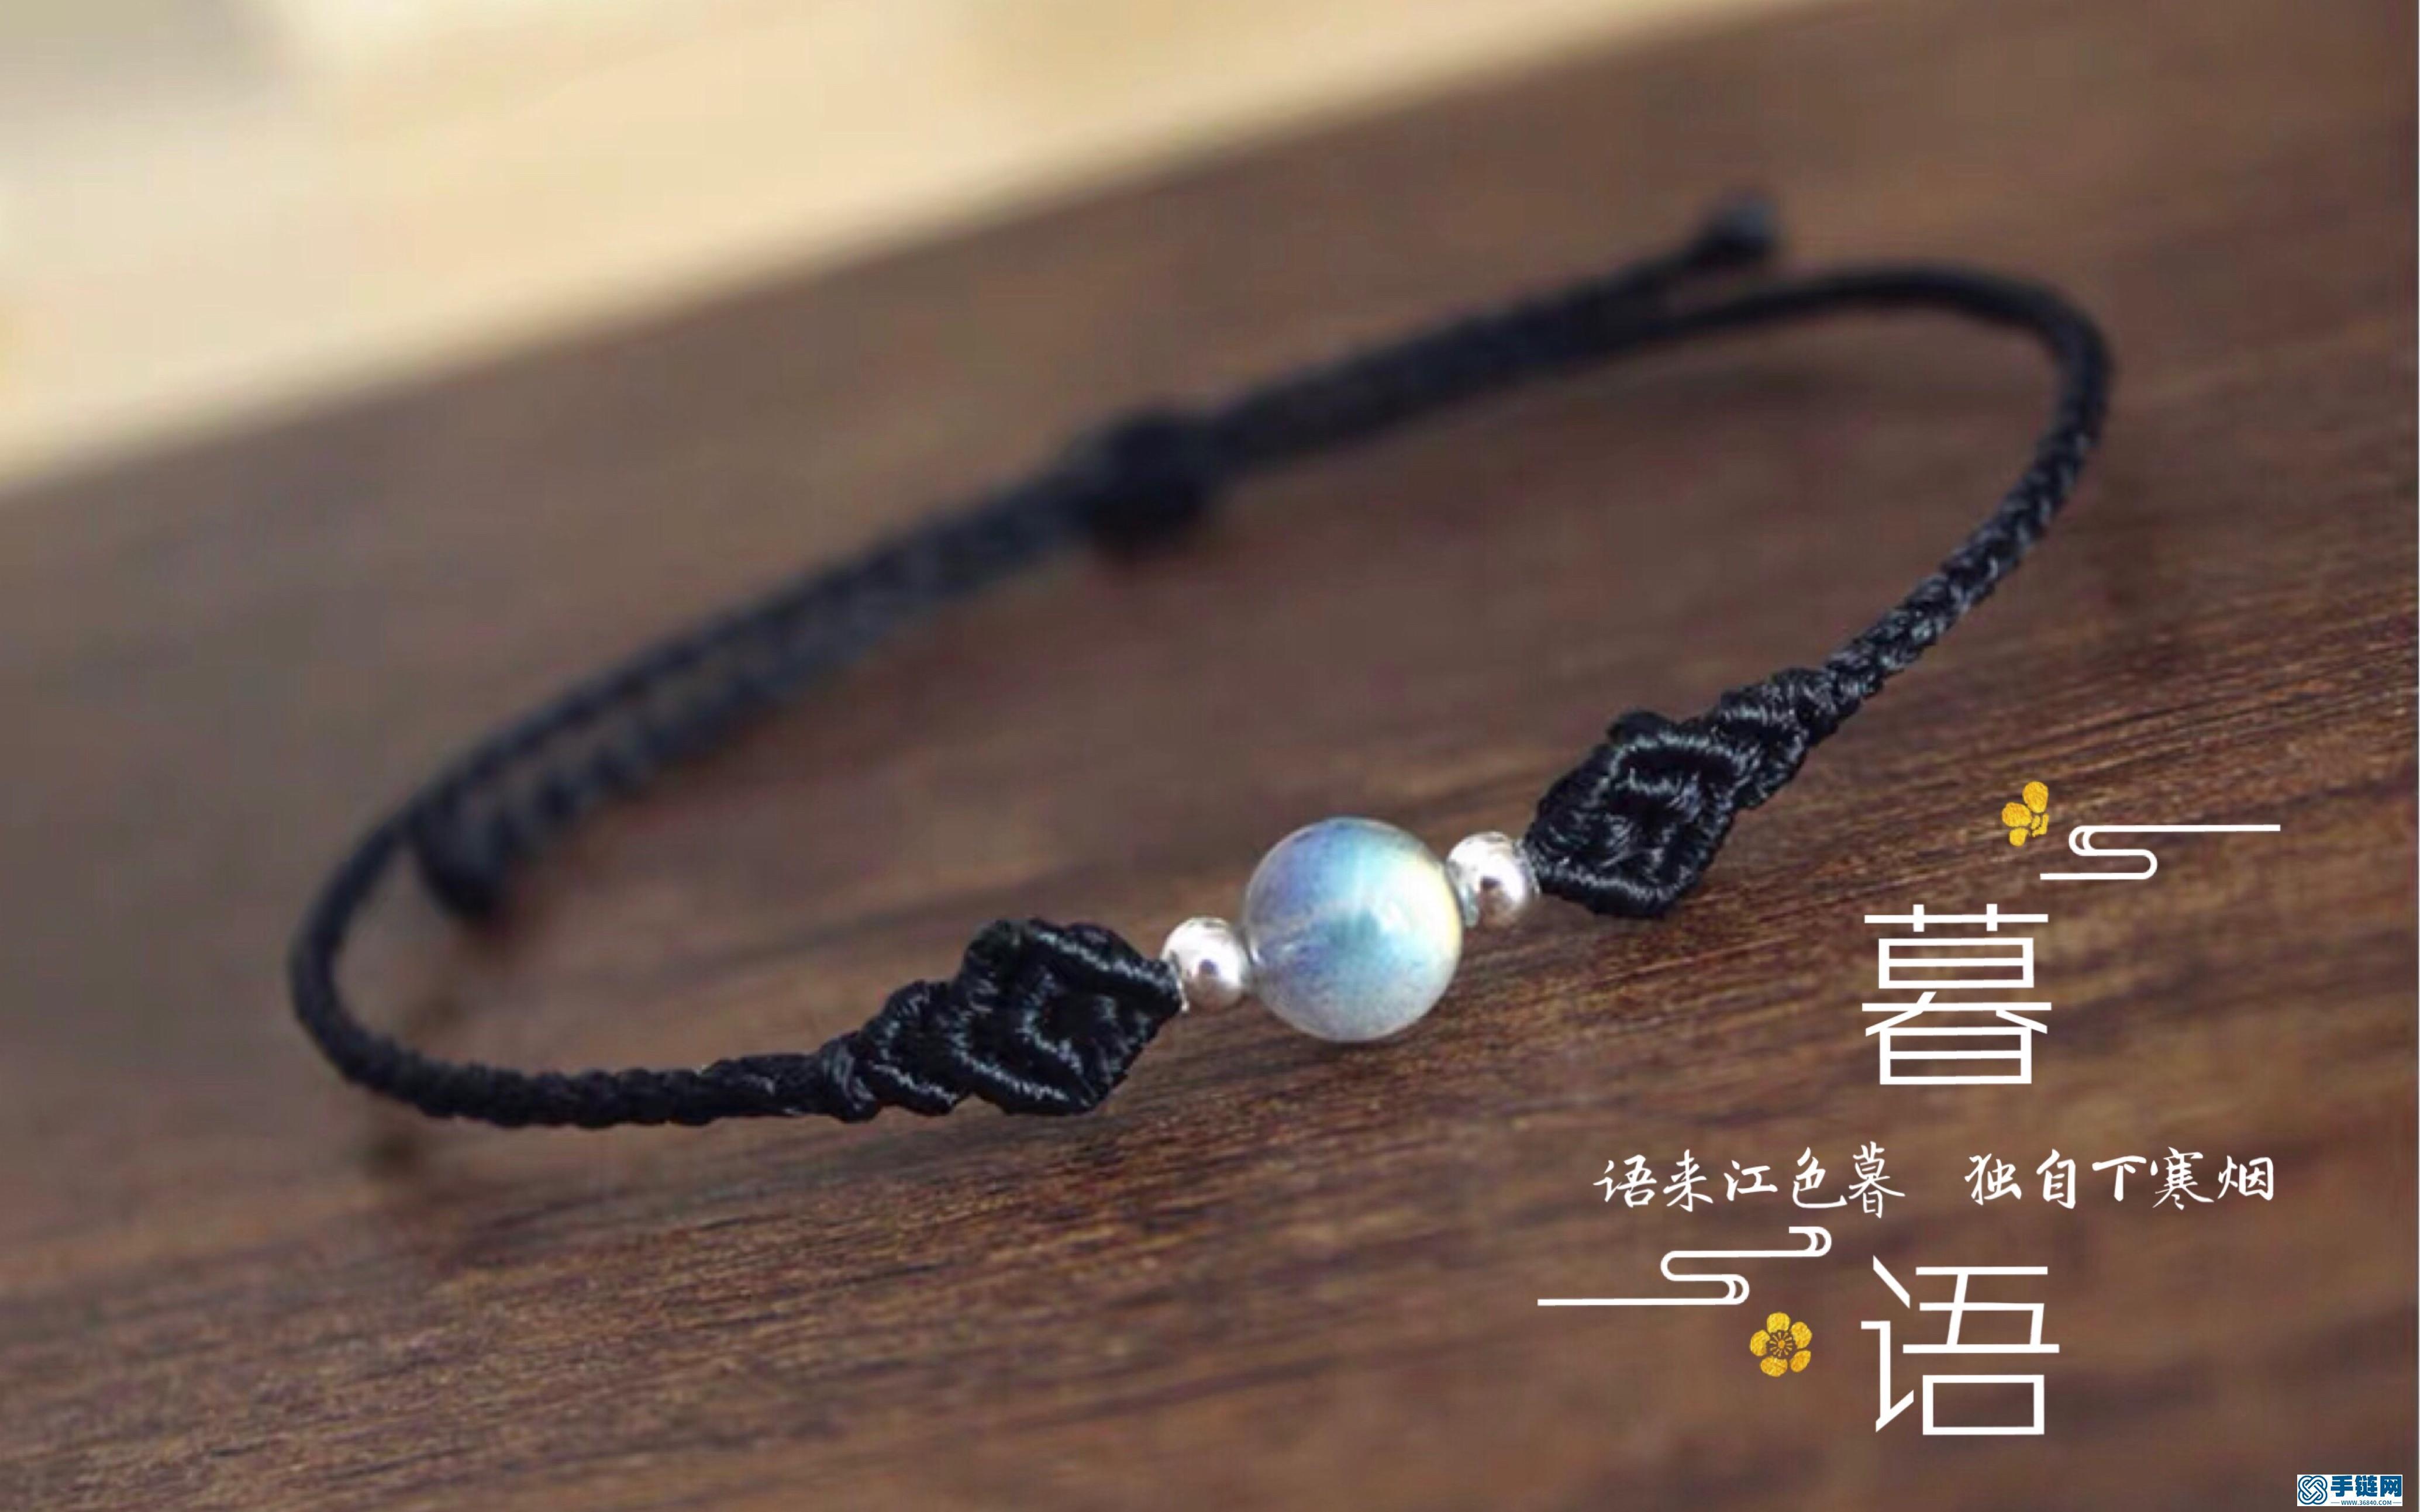 暮语 月光石蜡线手绳DIY视频教程macrame森系复古个性手绳